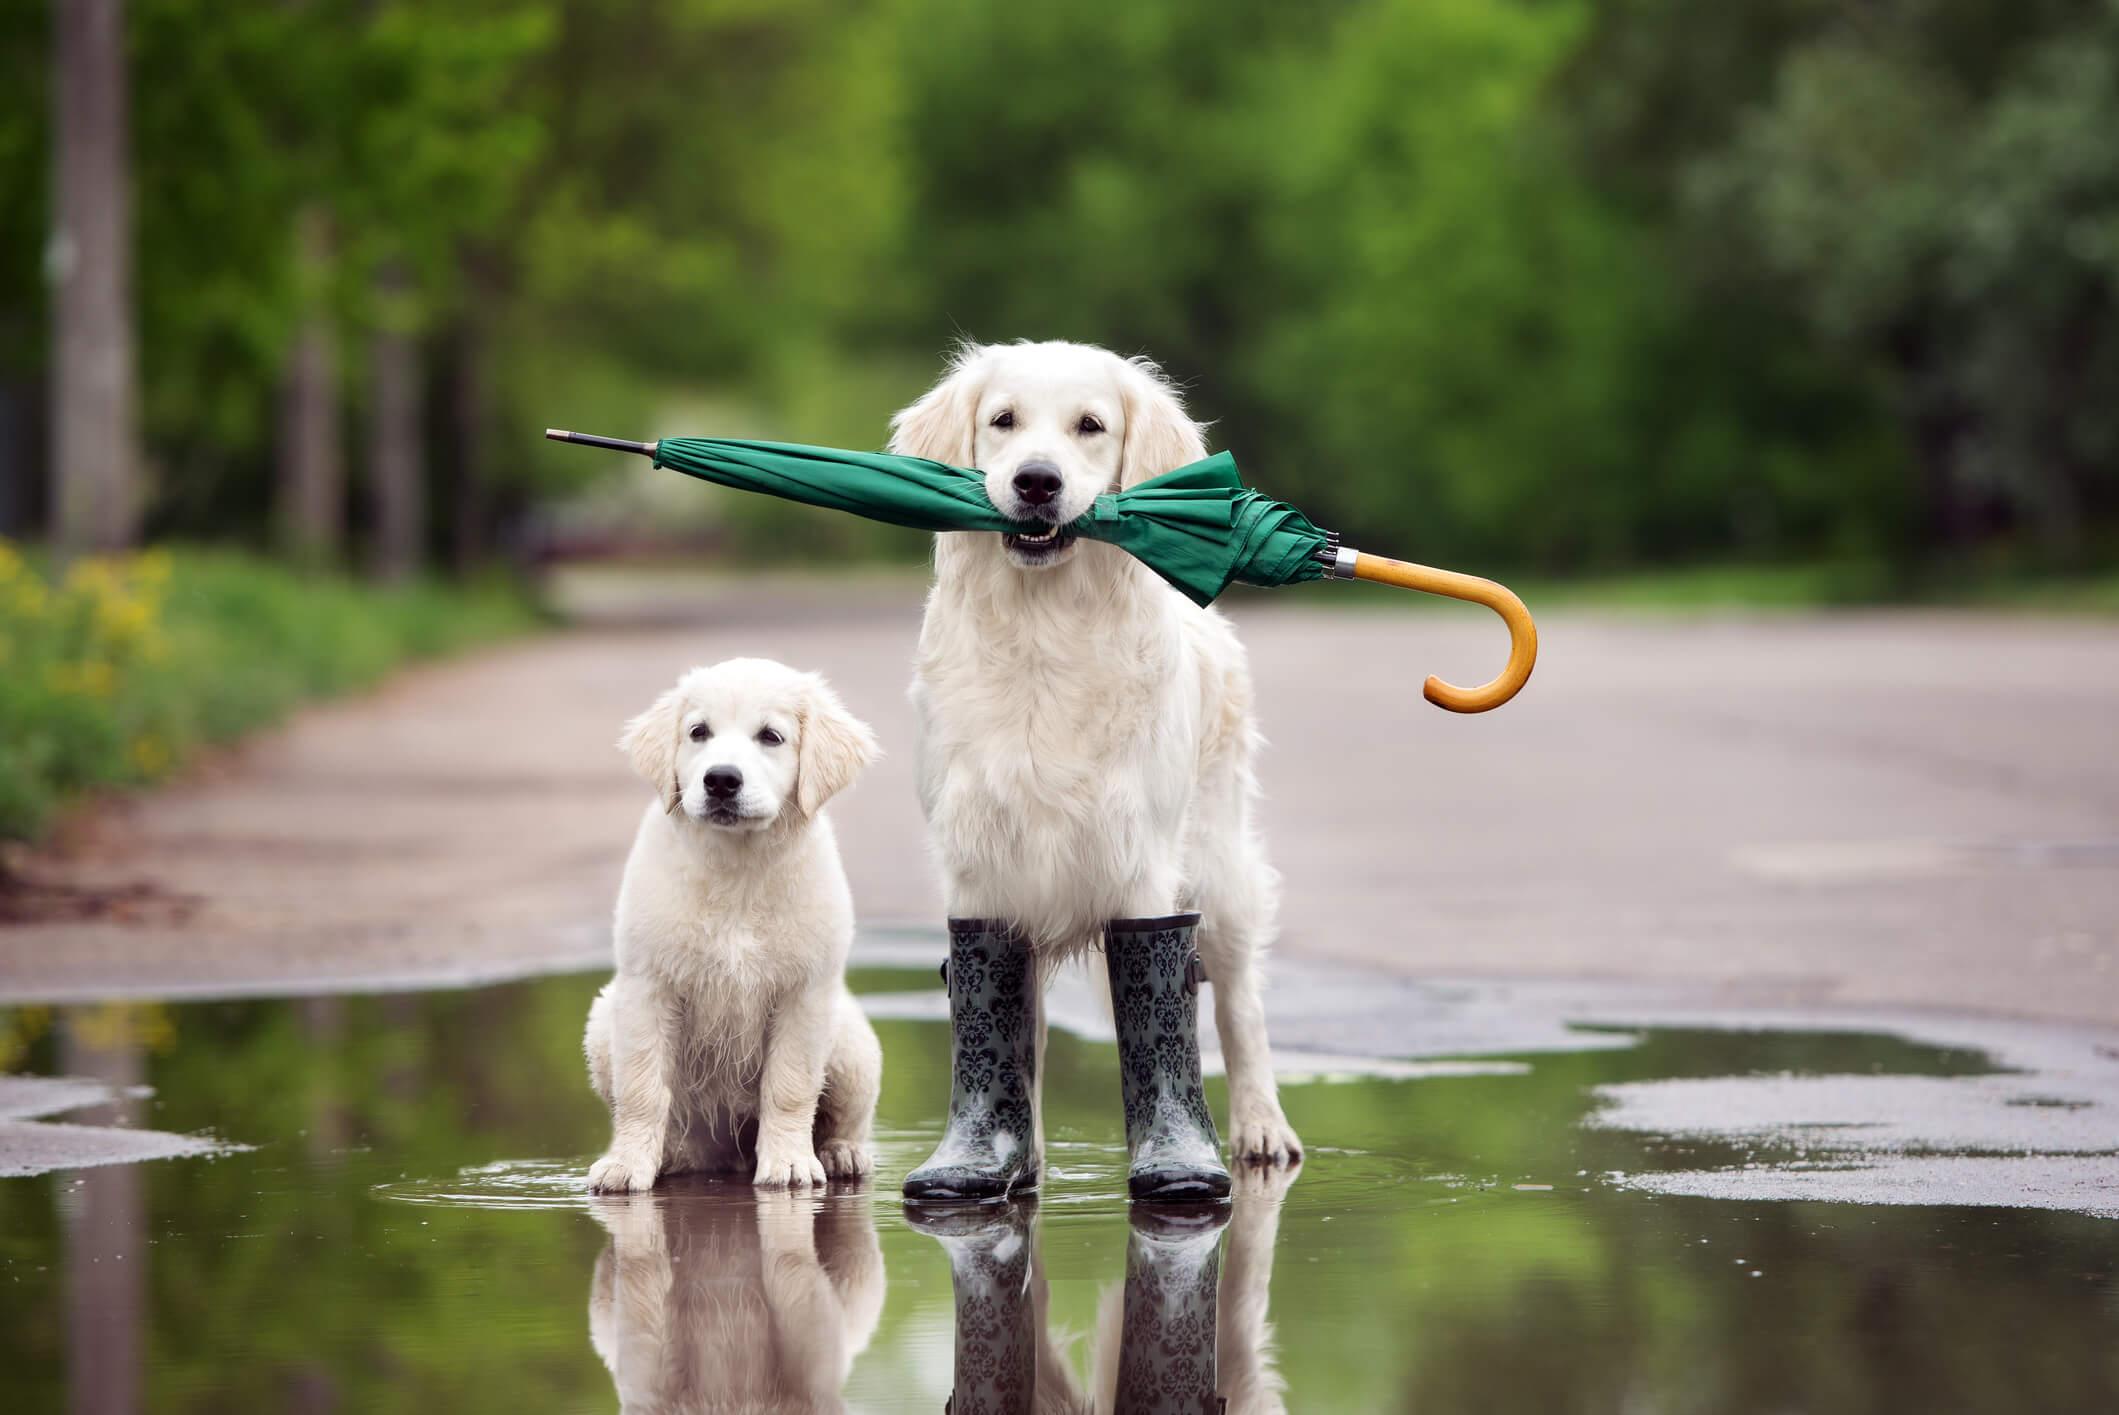 Bei uns hat es in letzter Zeit andauernd geregnet – daher die Inspiration für diesen Beitrag. Die Gassirunde soll natürlich trotzdem stattfinden und schlechtes Wetter macht vielen Fellnasen auch eigentlich nichts aus. Es gibt aber ein paar Dinge, die man im Herbst und Winter beachten sollte, wenn der Hundespaziergang trotz Regen Spaß machen und sicher sein soll.